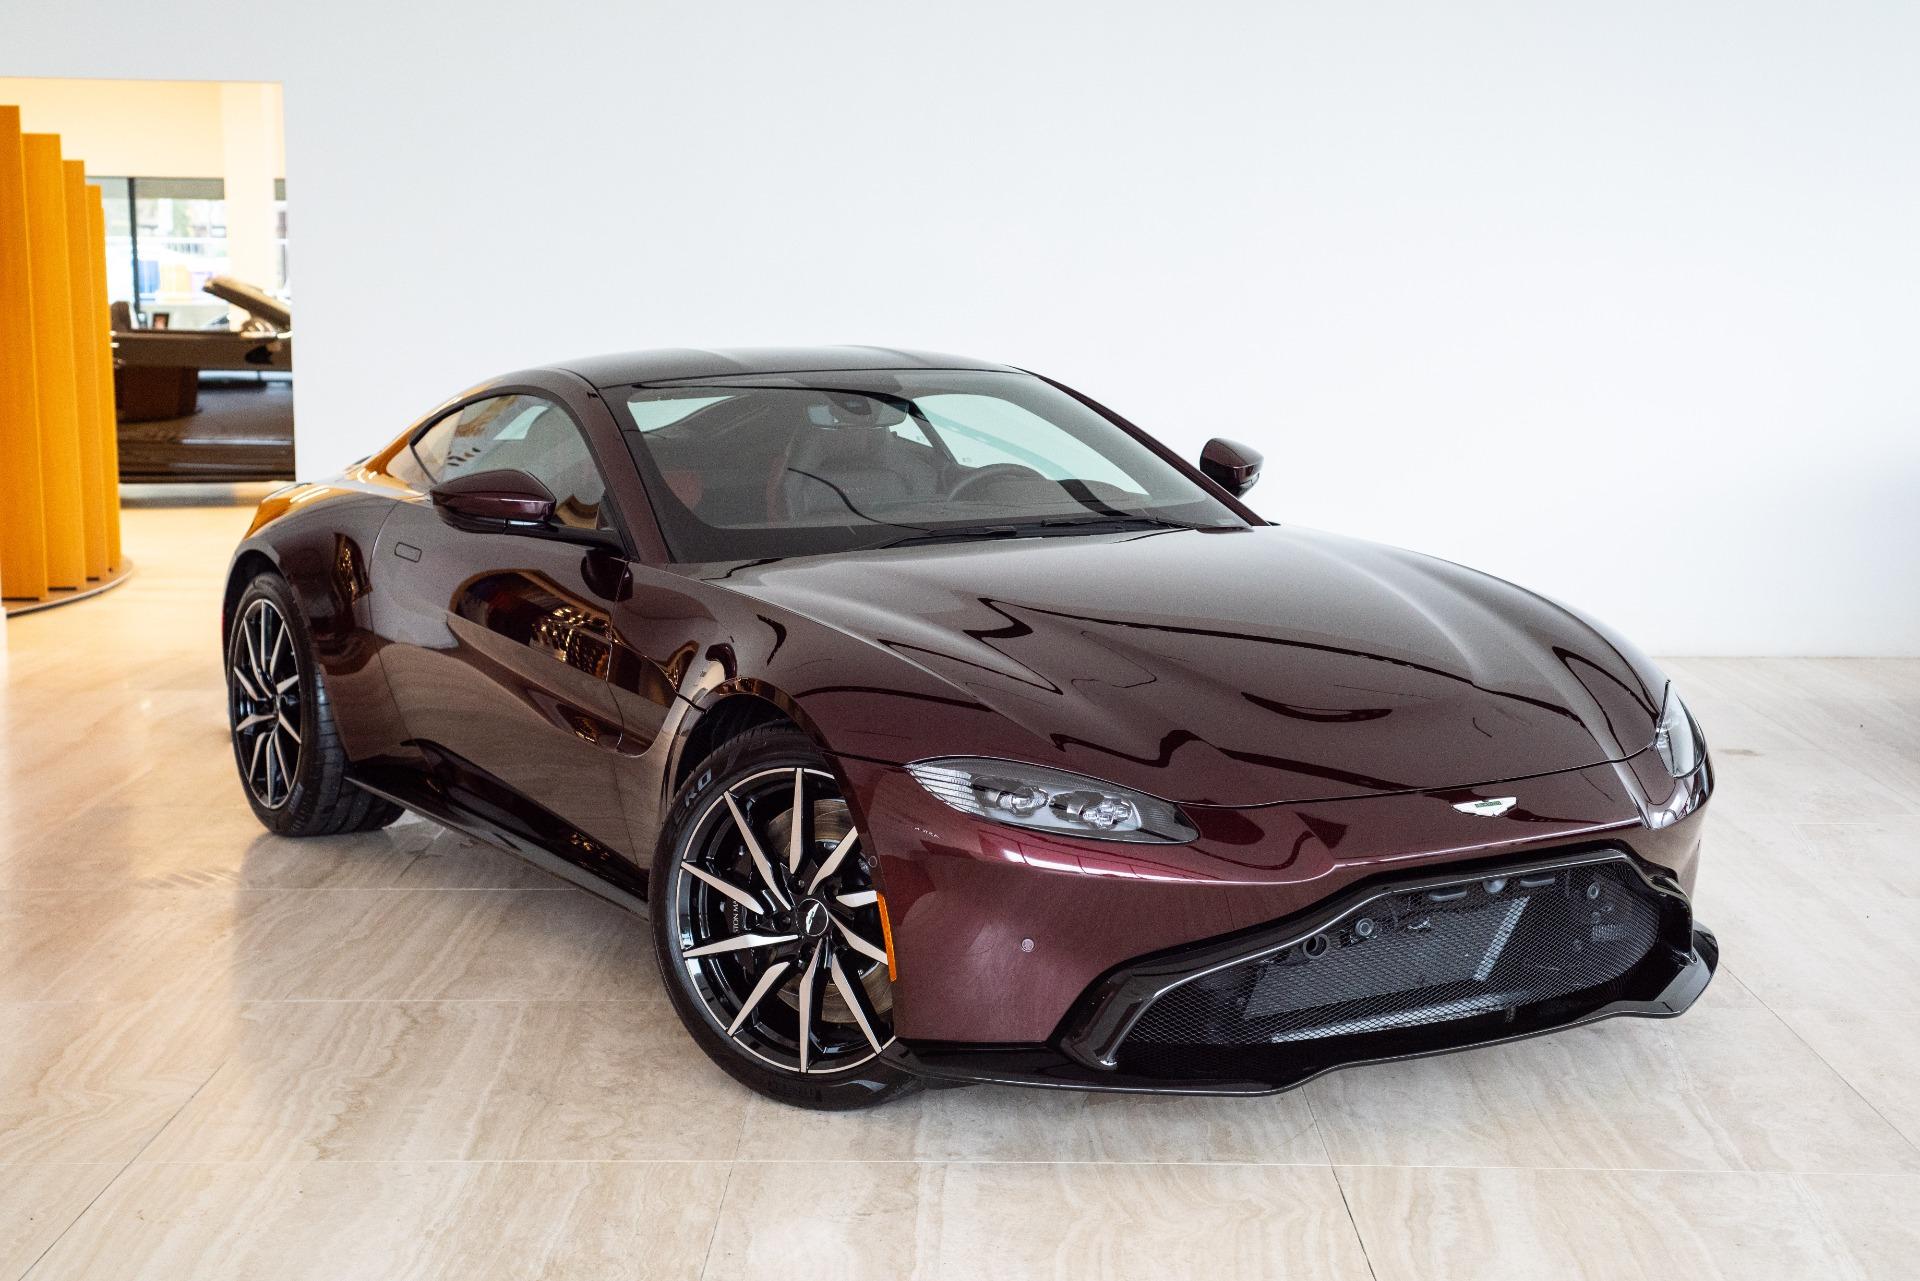 2019 Aston Martin Vantage Stock 9n01350 For Sale Near Vienna Va